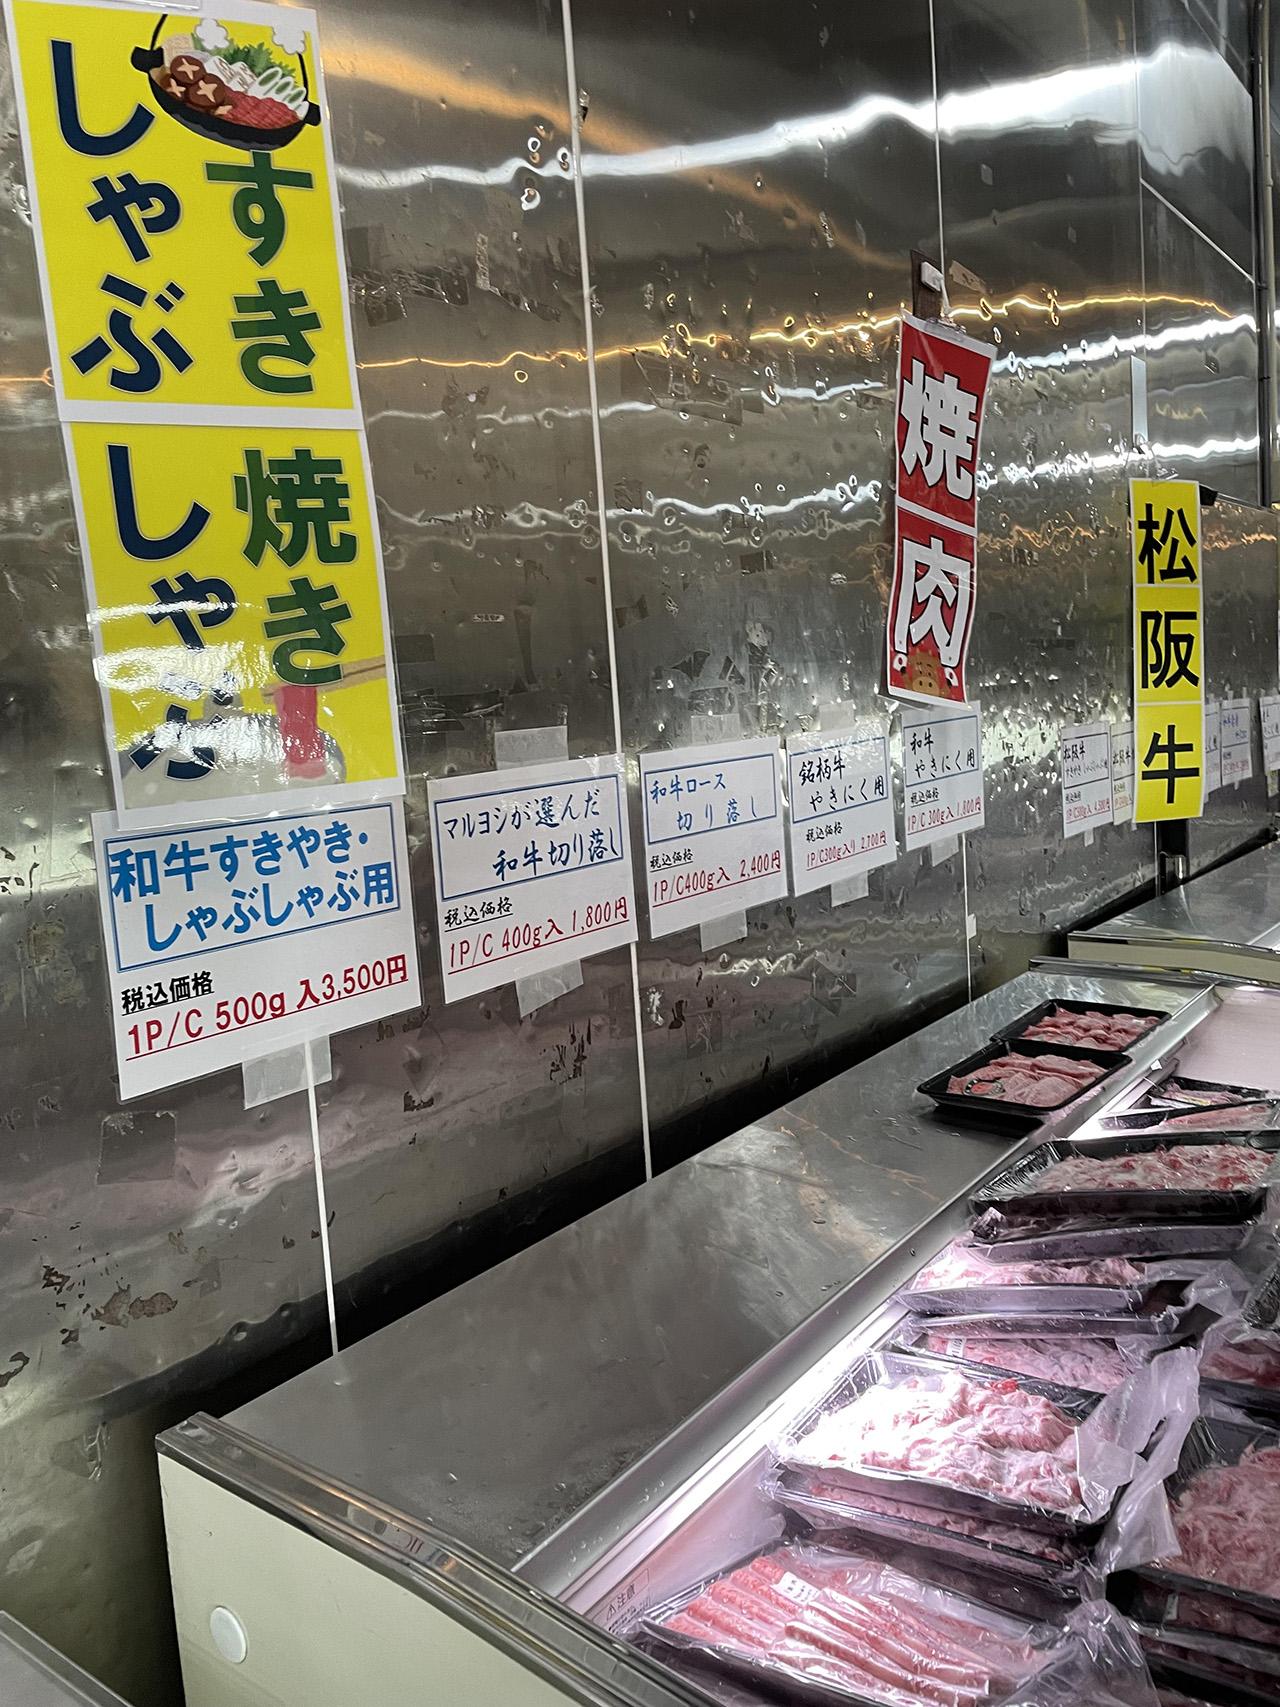 冷凍庫に陳列された商品の写真